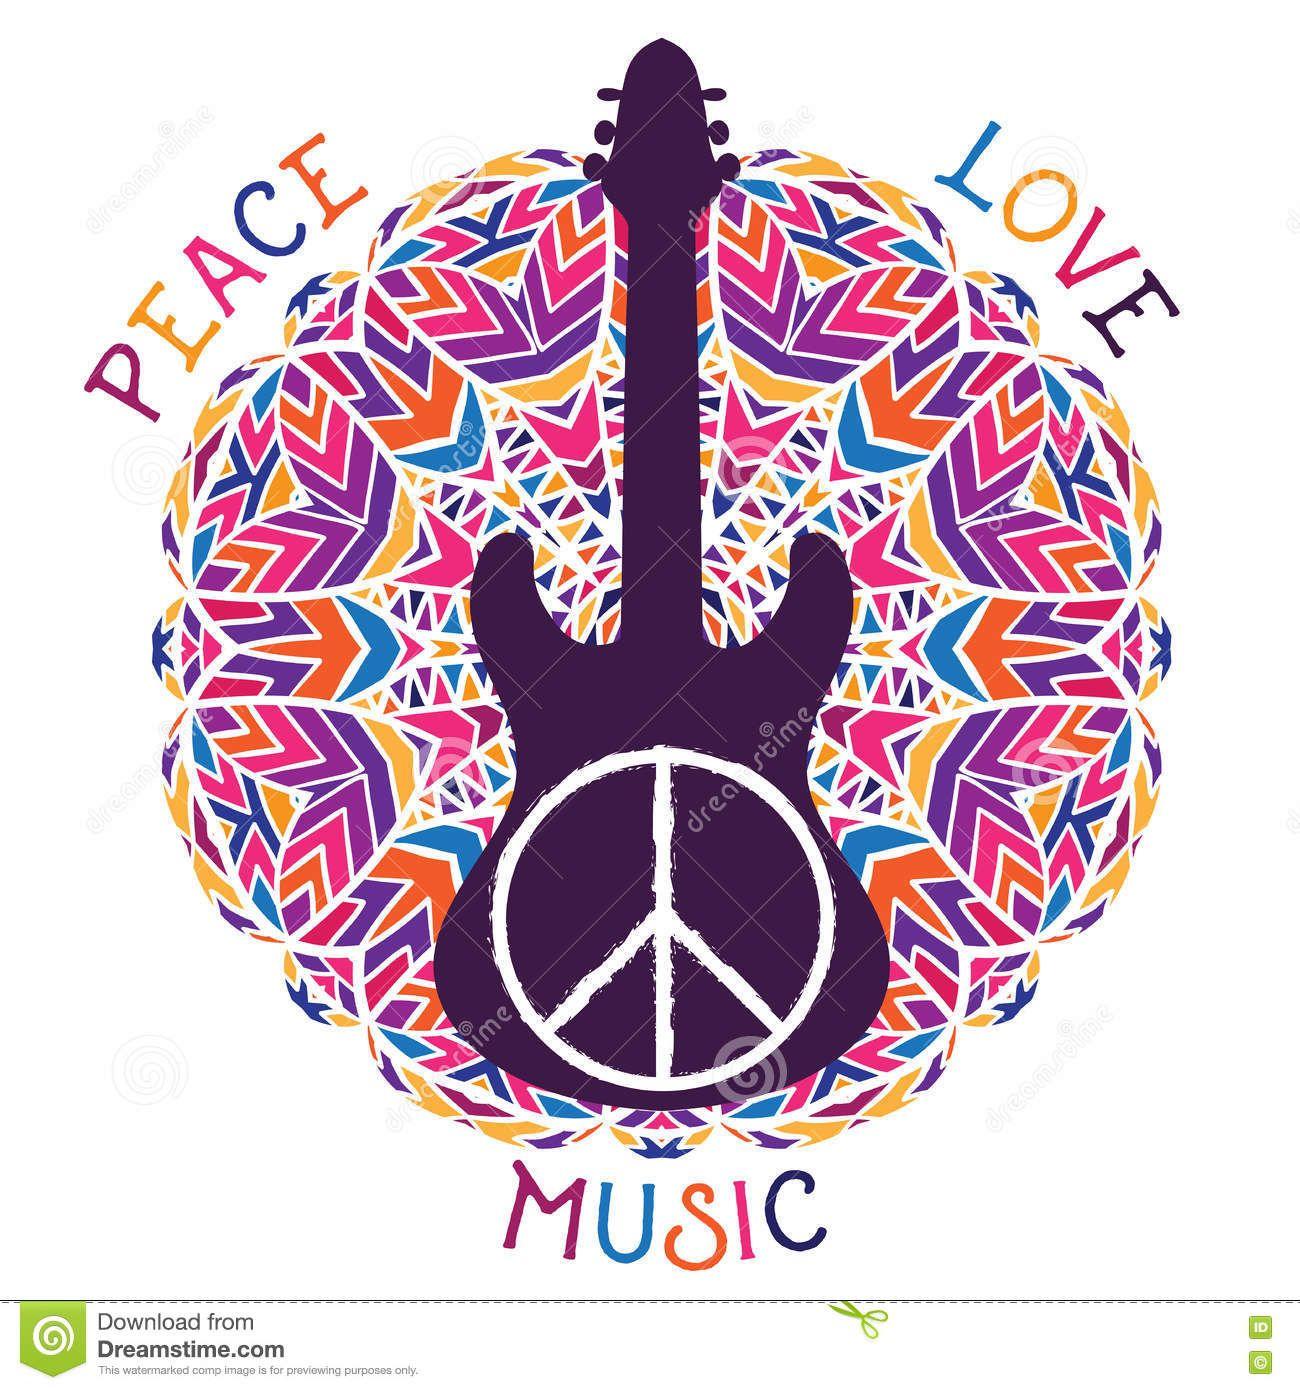 Pingl par guylene drapier sur ann e 70 pinterest dessin je pense toi et peinture - Dessin peace and love ...